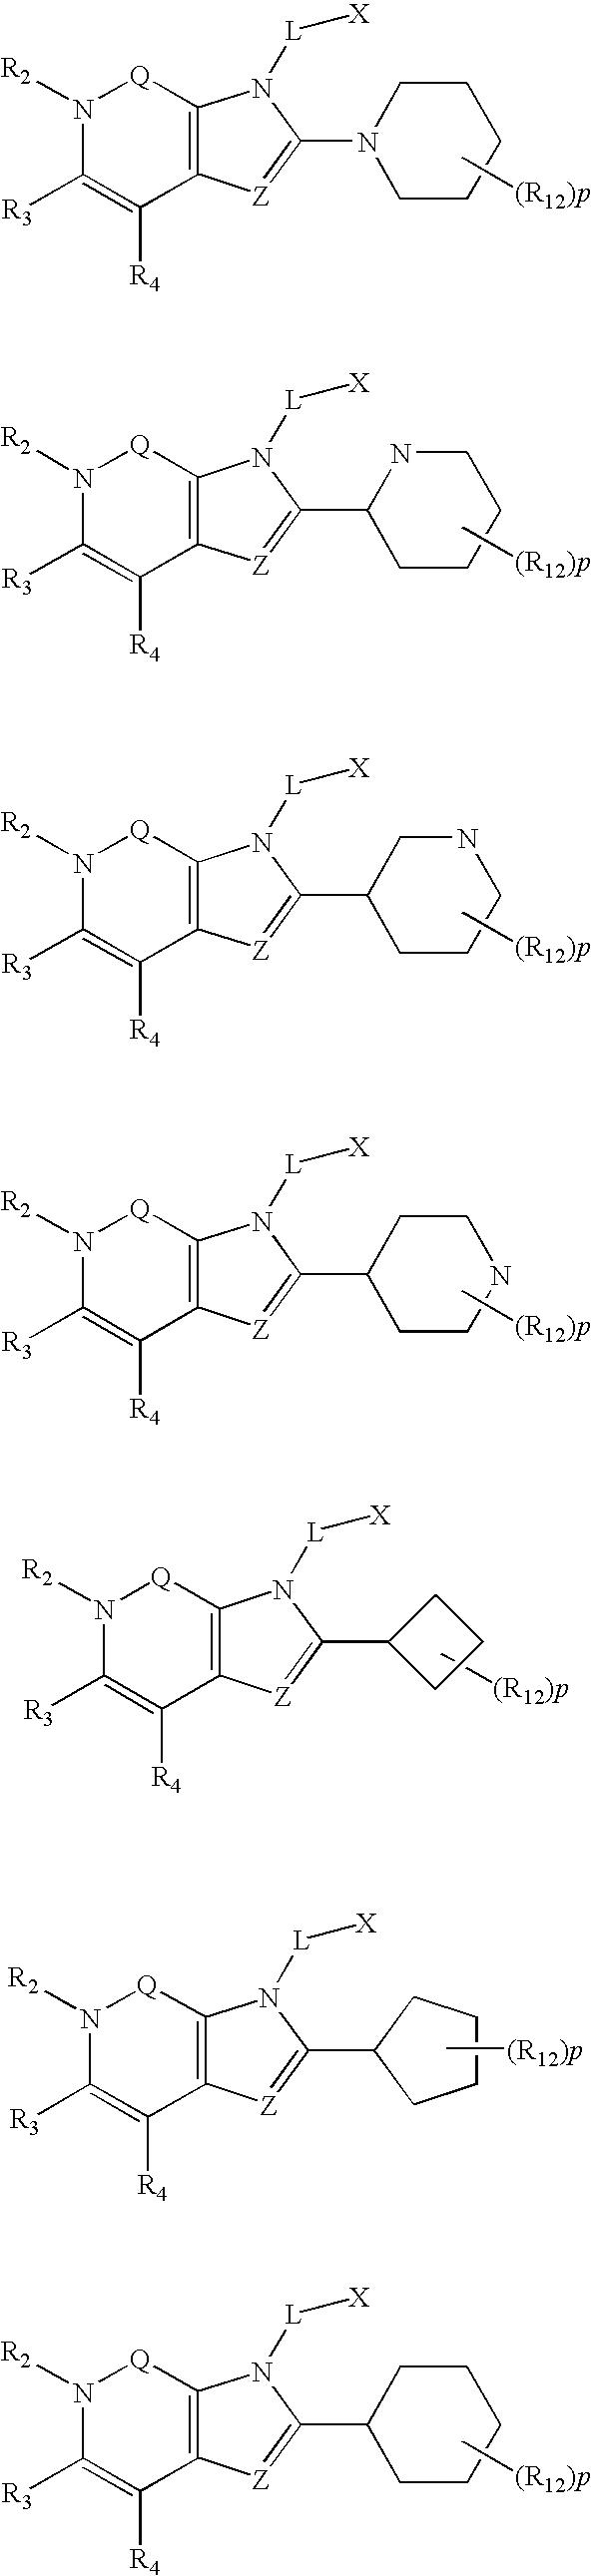 Figure US07678909-20100316-C00010